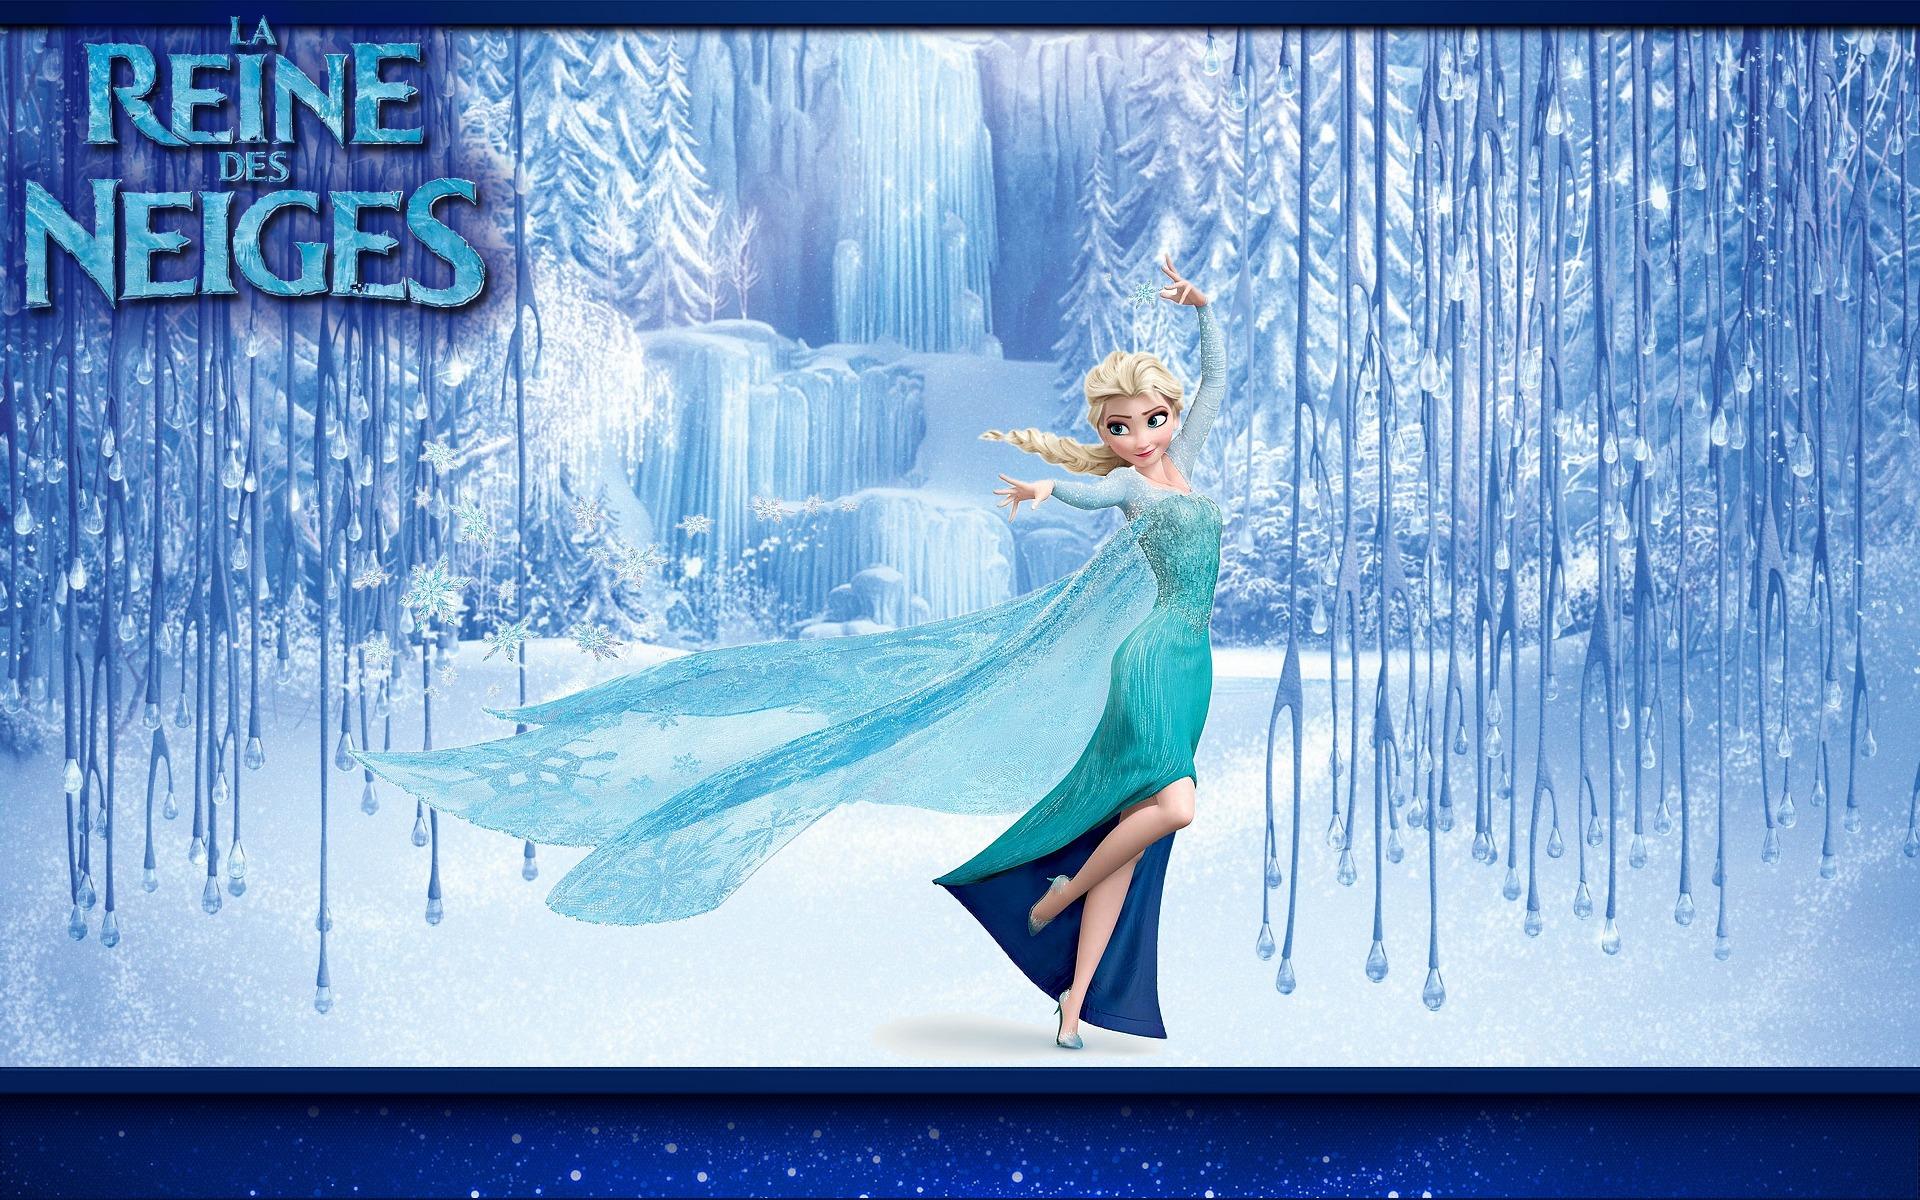 Fond d 39 cran reine des neiges images disney pixar - Image de la reine des neige ...